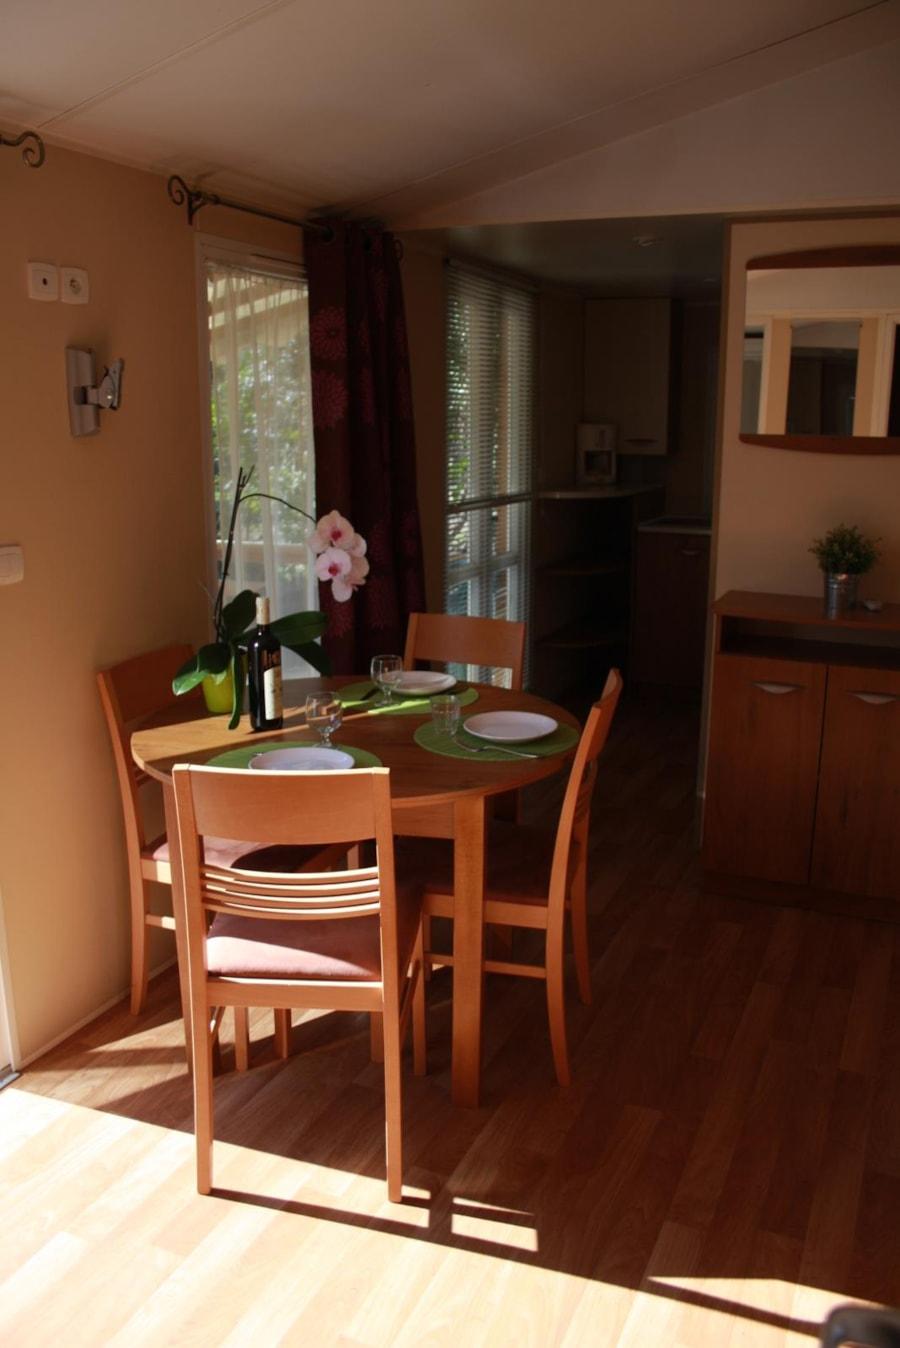 Location Mobil Home Luxe 33 - salle à manger - Camping Chantecler ★★★★ Aix en Provence (Sud de la France)